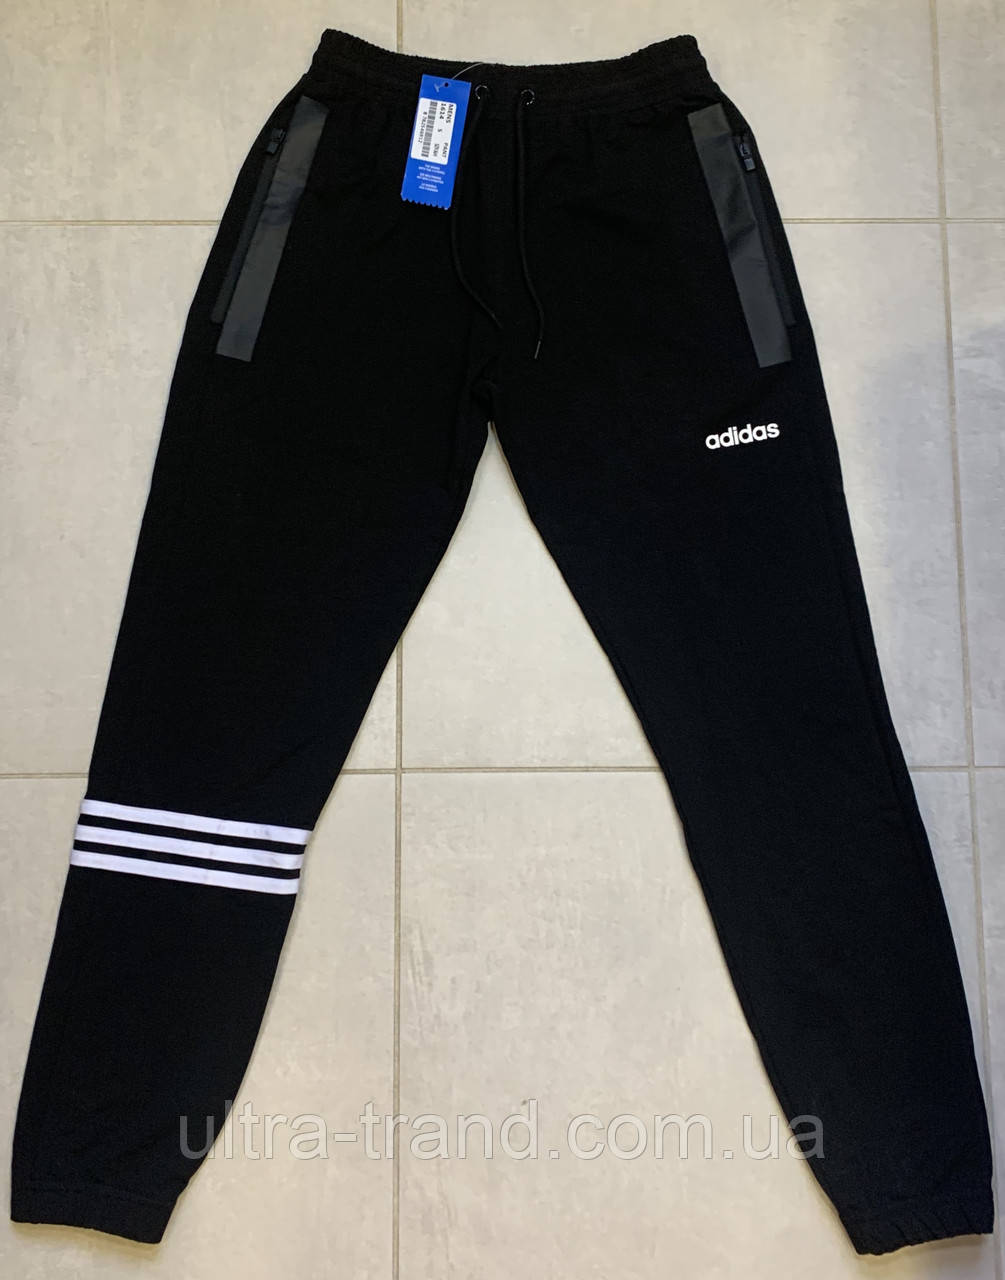 Мужские спортивные турецкие брюки штаны Adidas